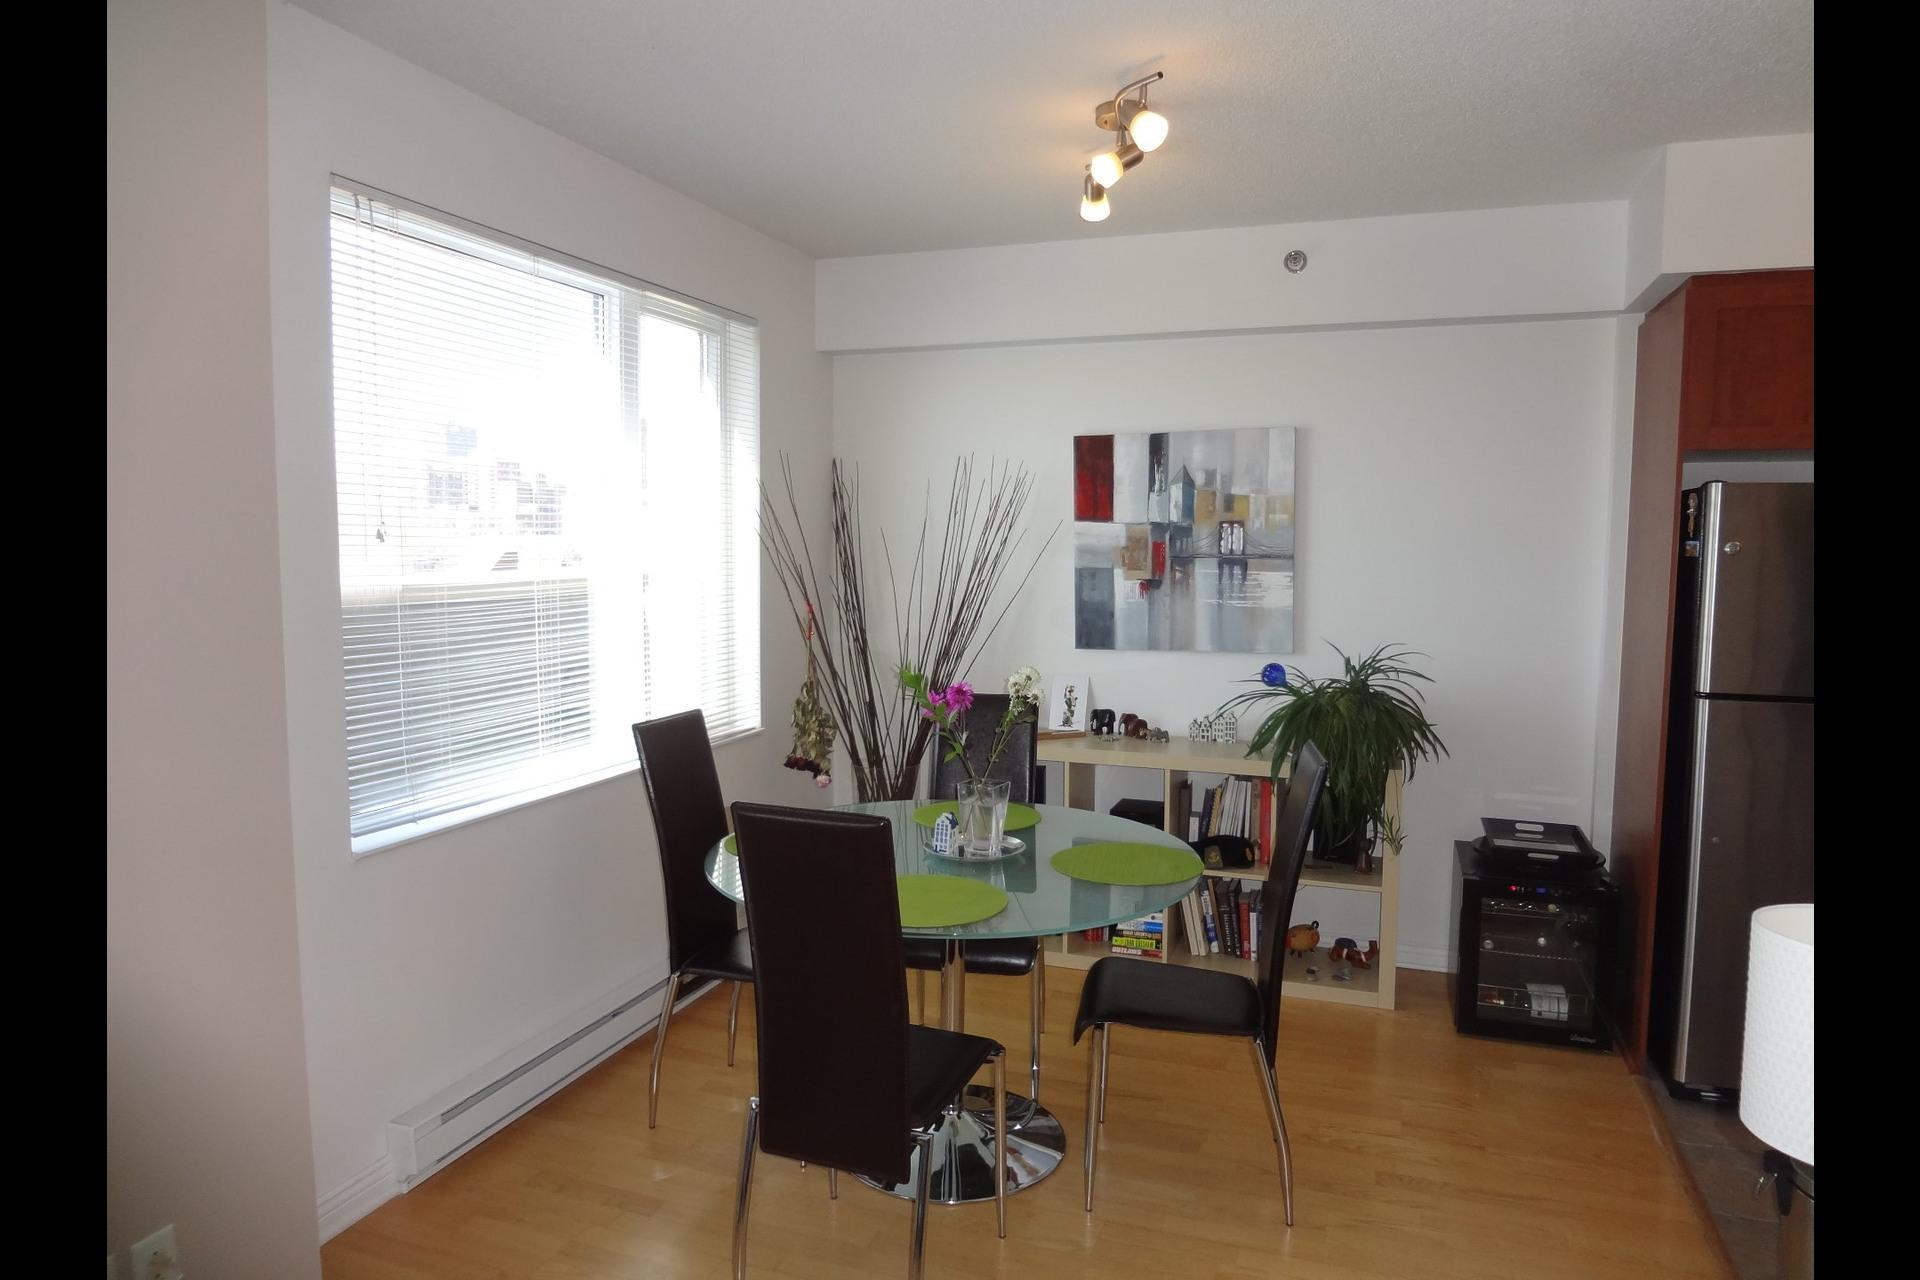 image 3 - Appartement À louer Montréal Ville-Marie  - 4 pièces